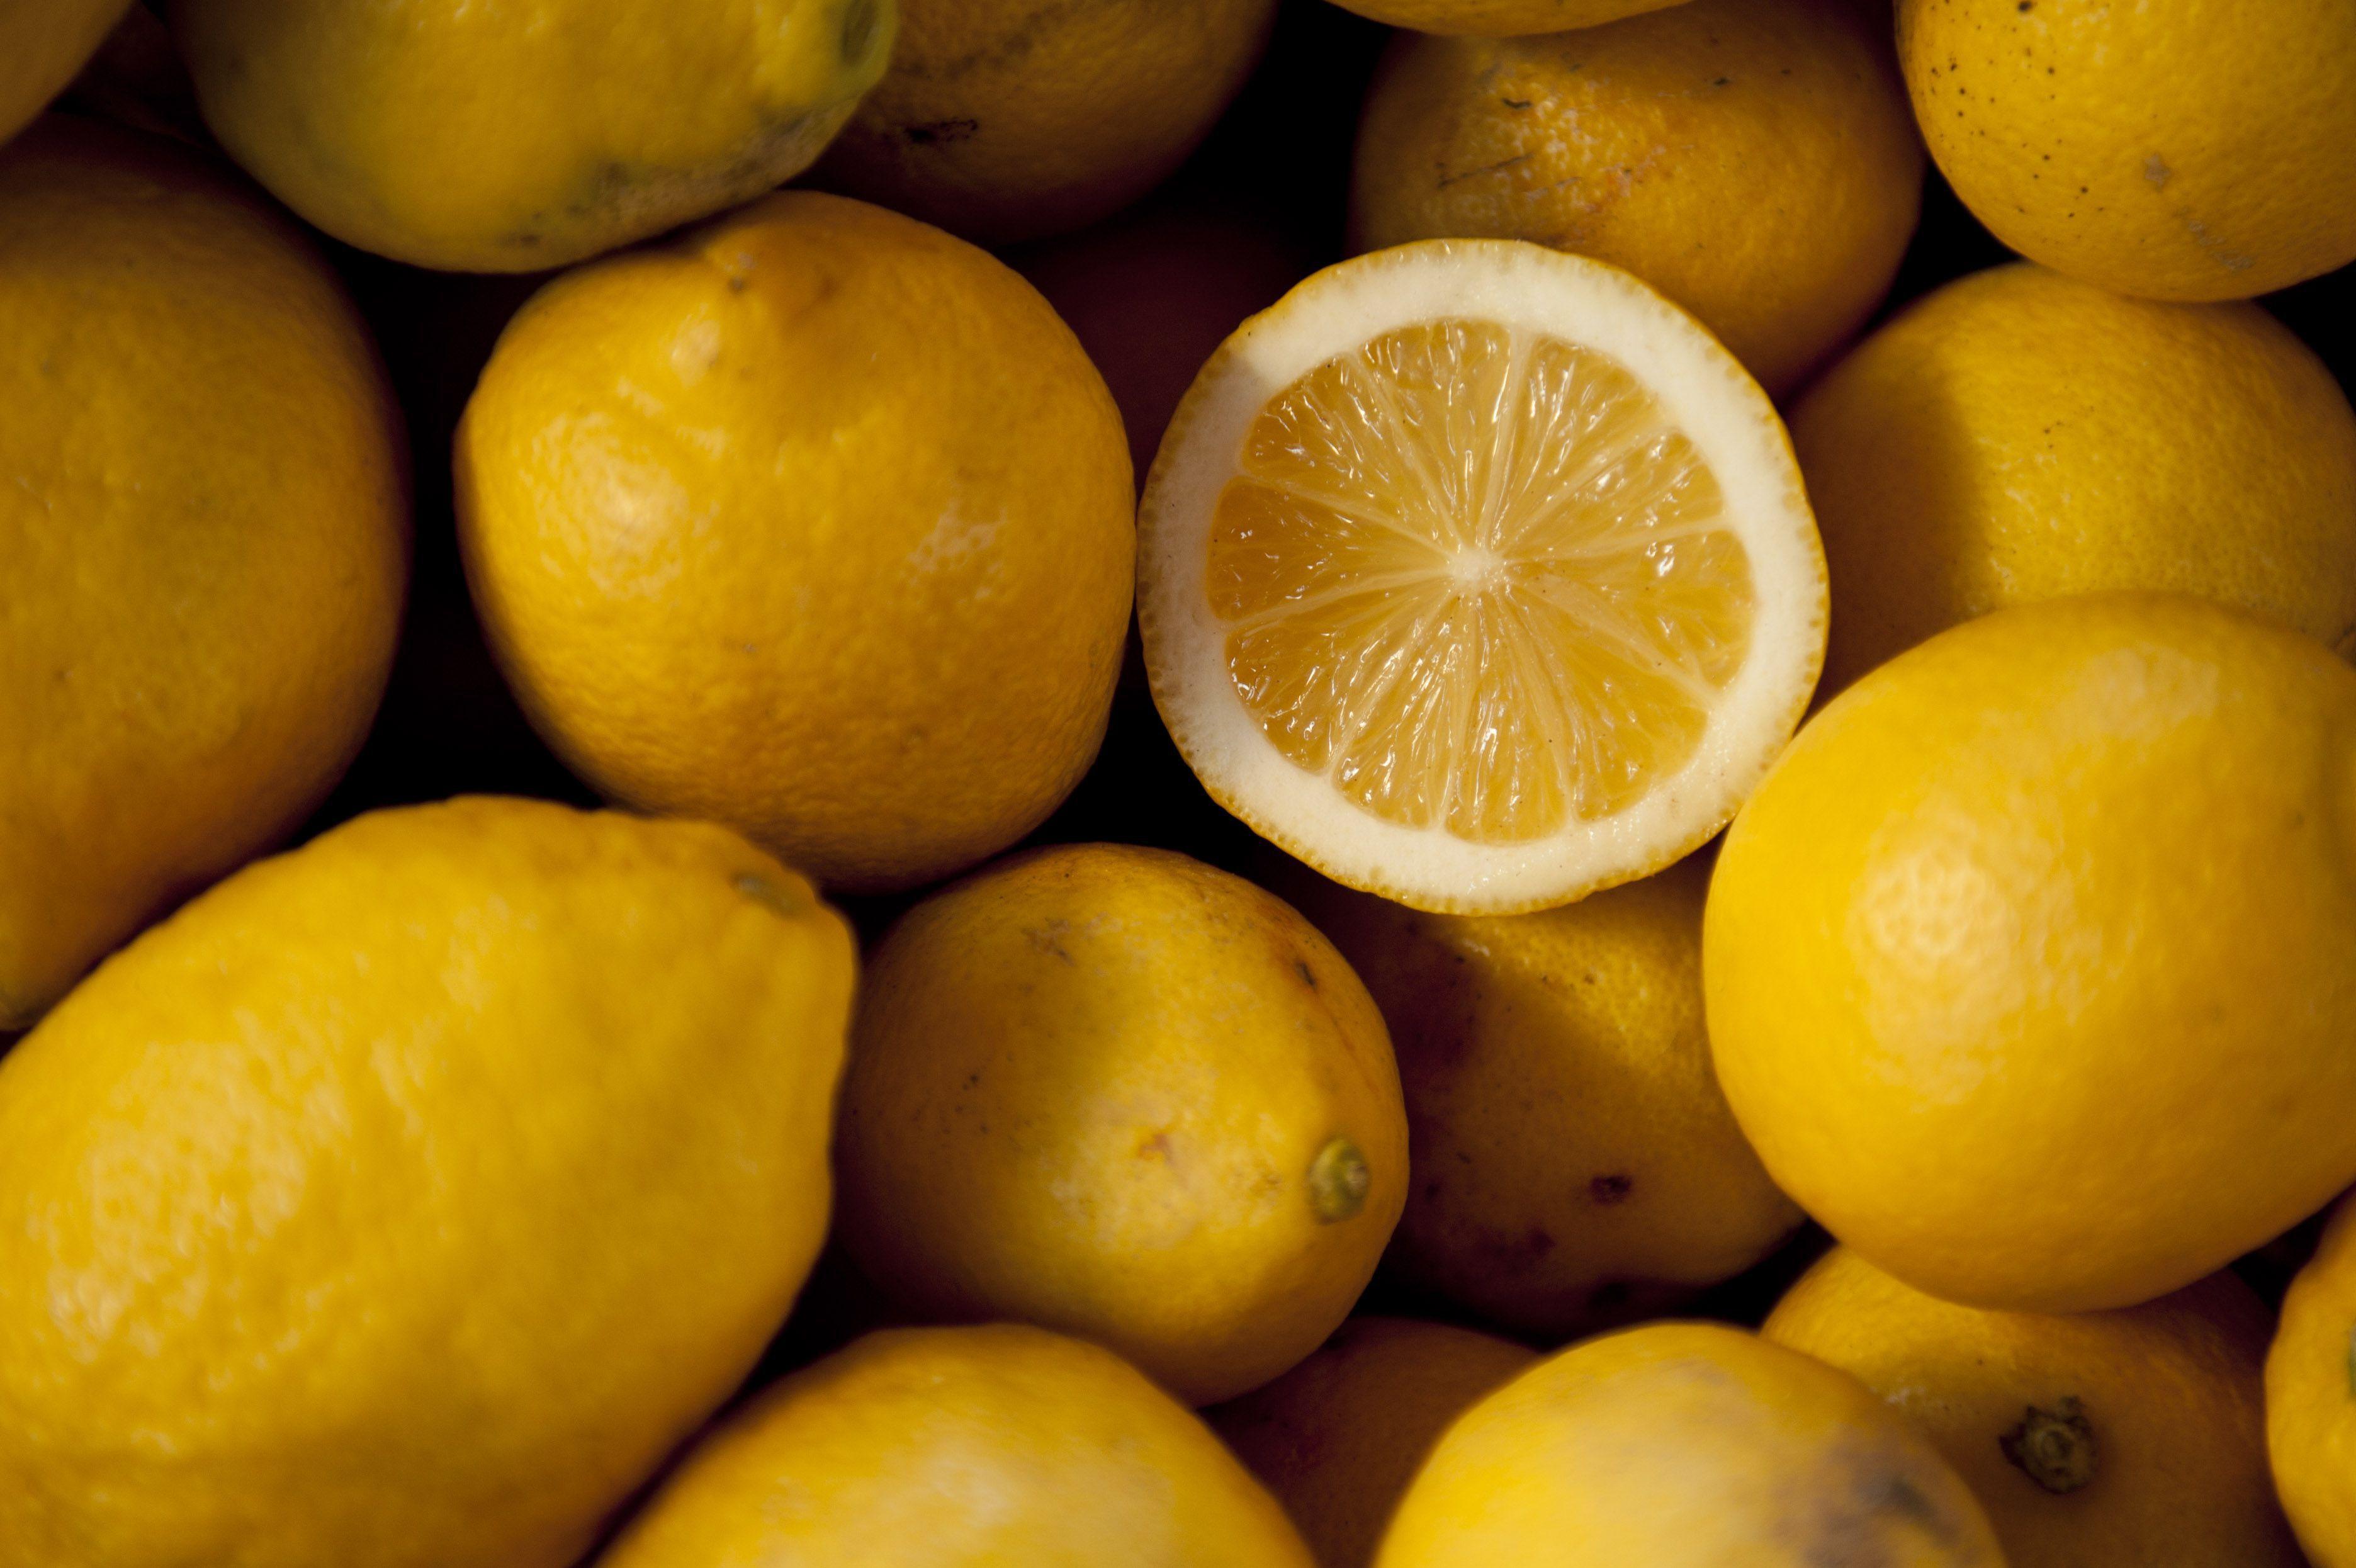 Lemon For Desktop